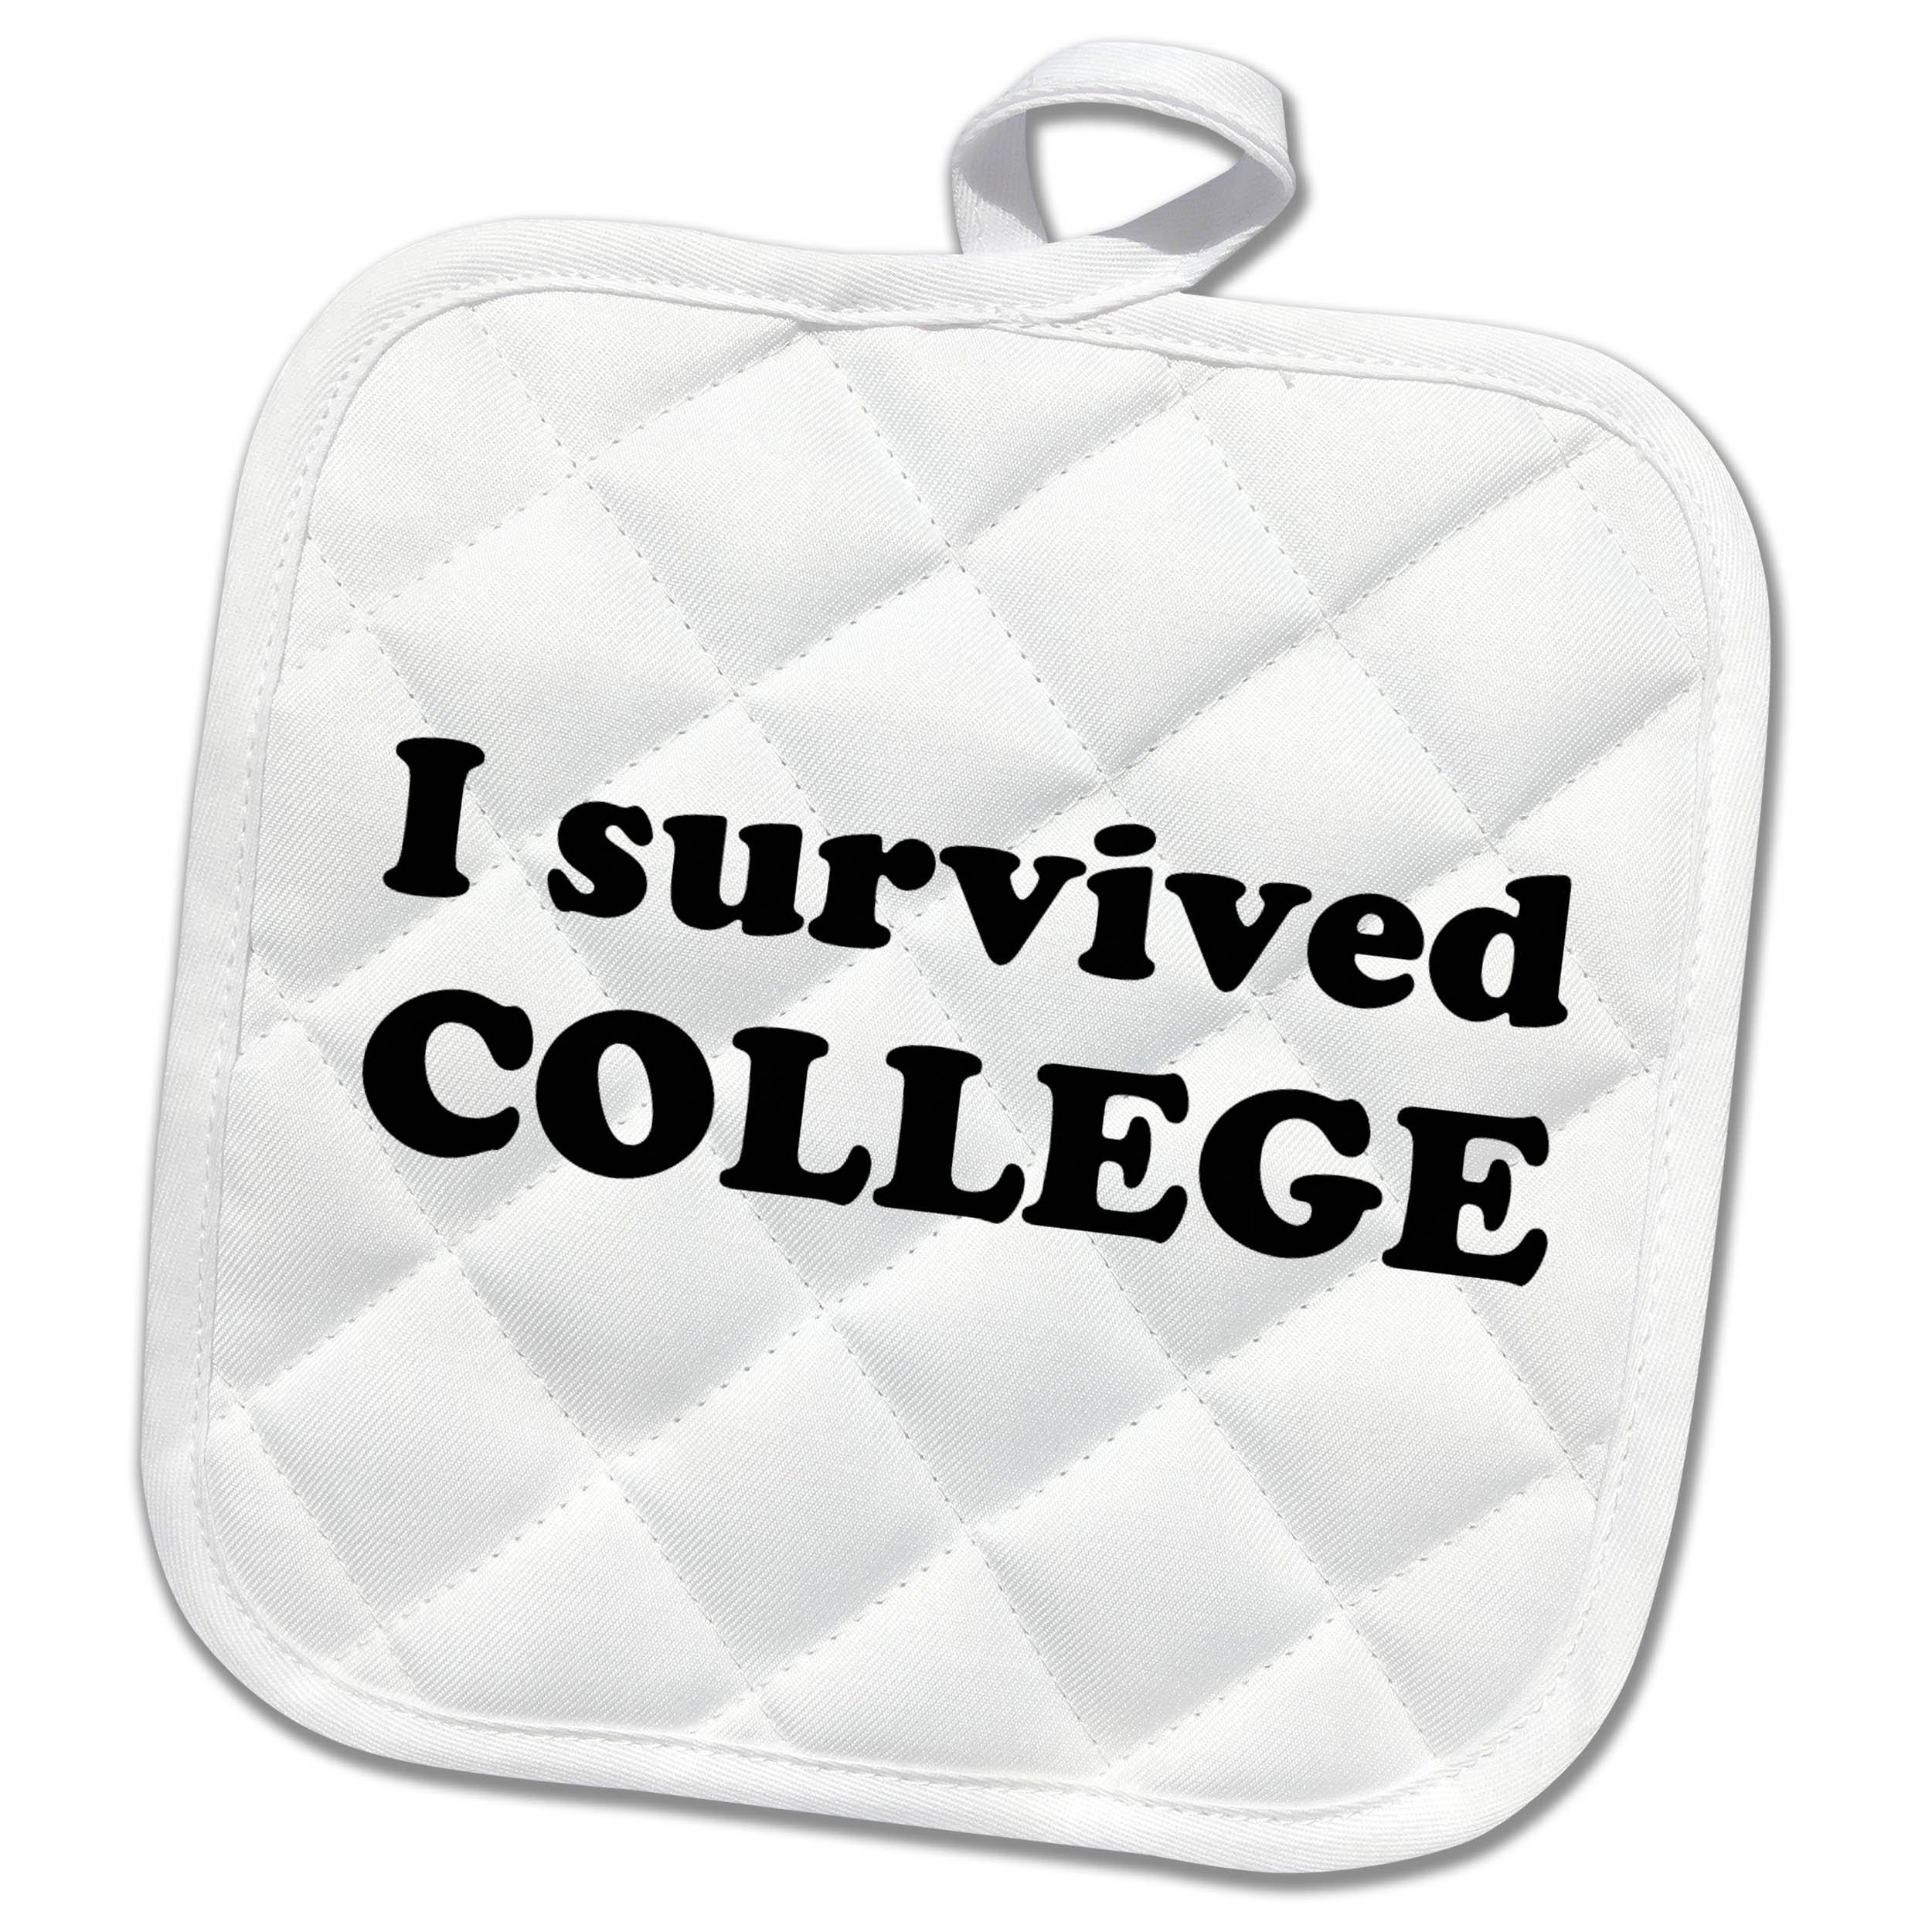 3dRose Student Humor - I Survived College Black - 8x8 Potholder (phl_274504_1)